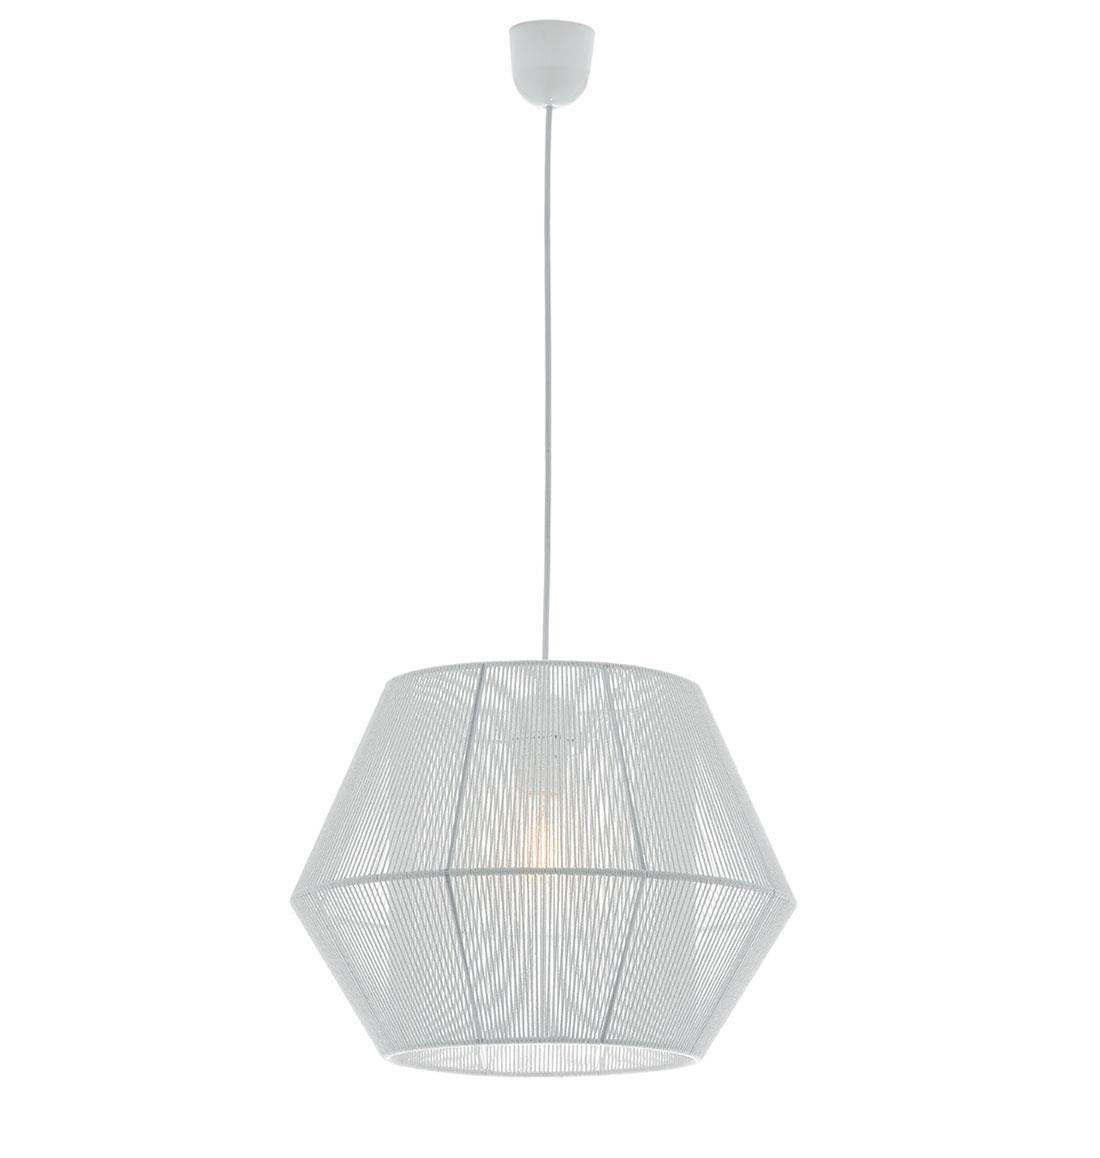 Φωτιστικό οροφής κρεμαστό μονόφωτο Zaira με κορδόνι λευκό 40x135cm Viokef 4198100